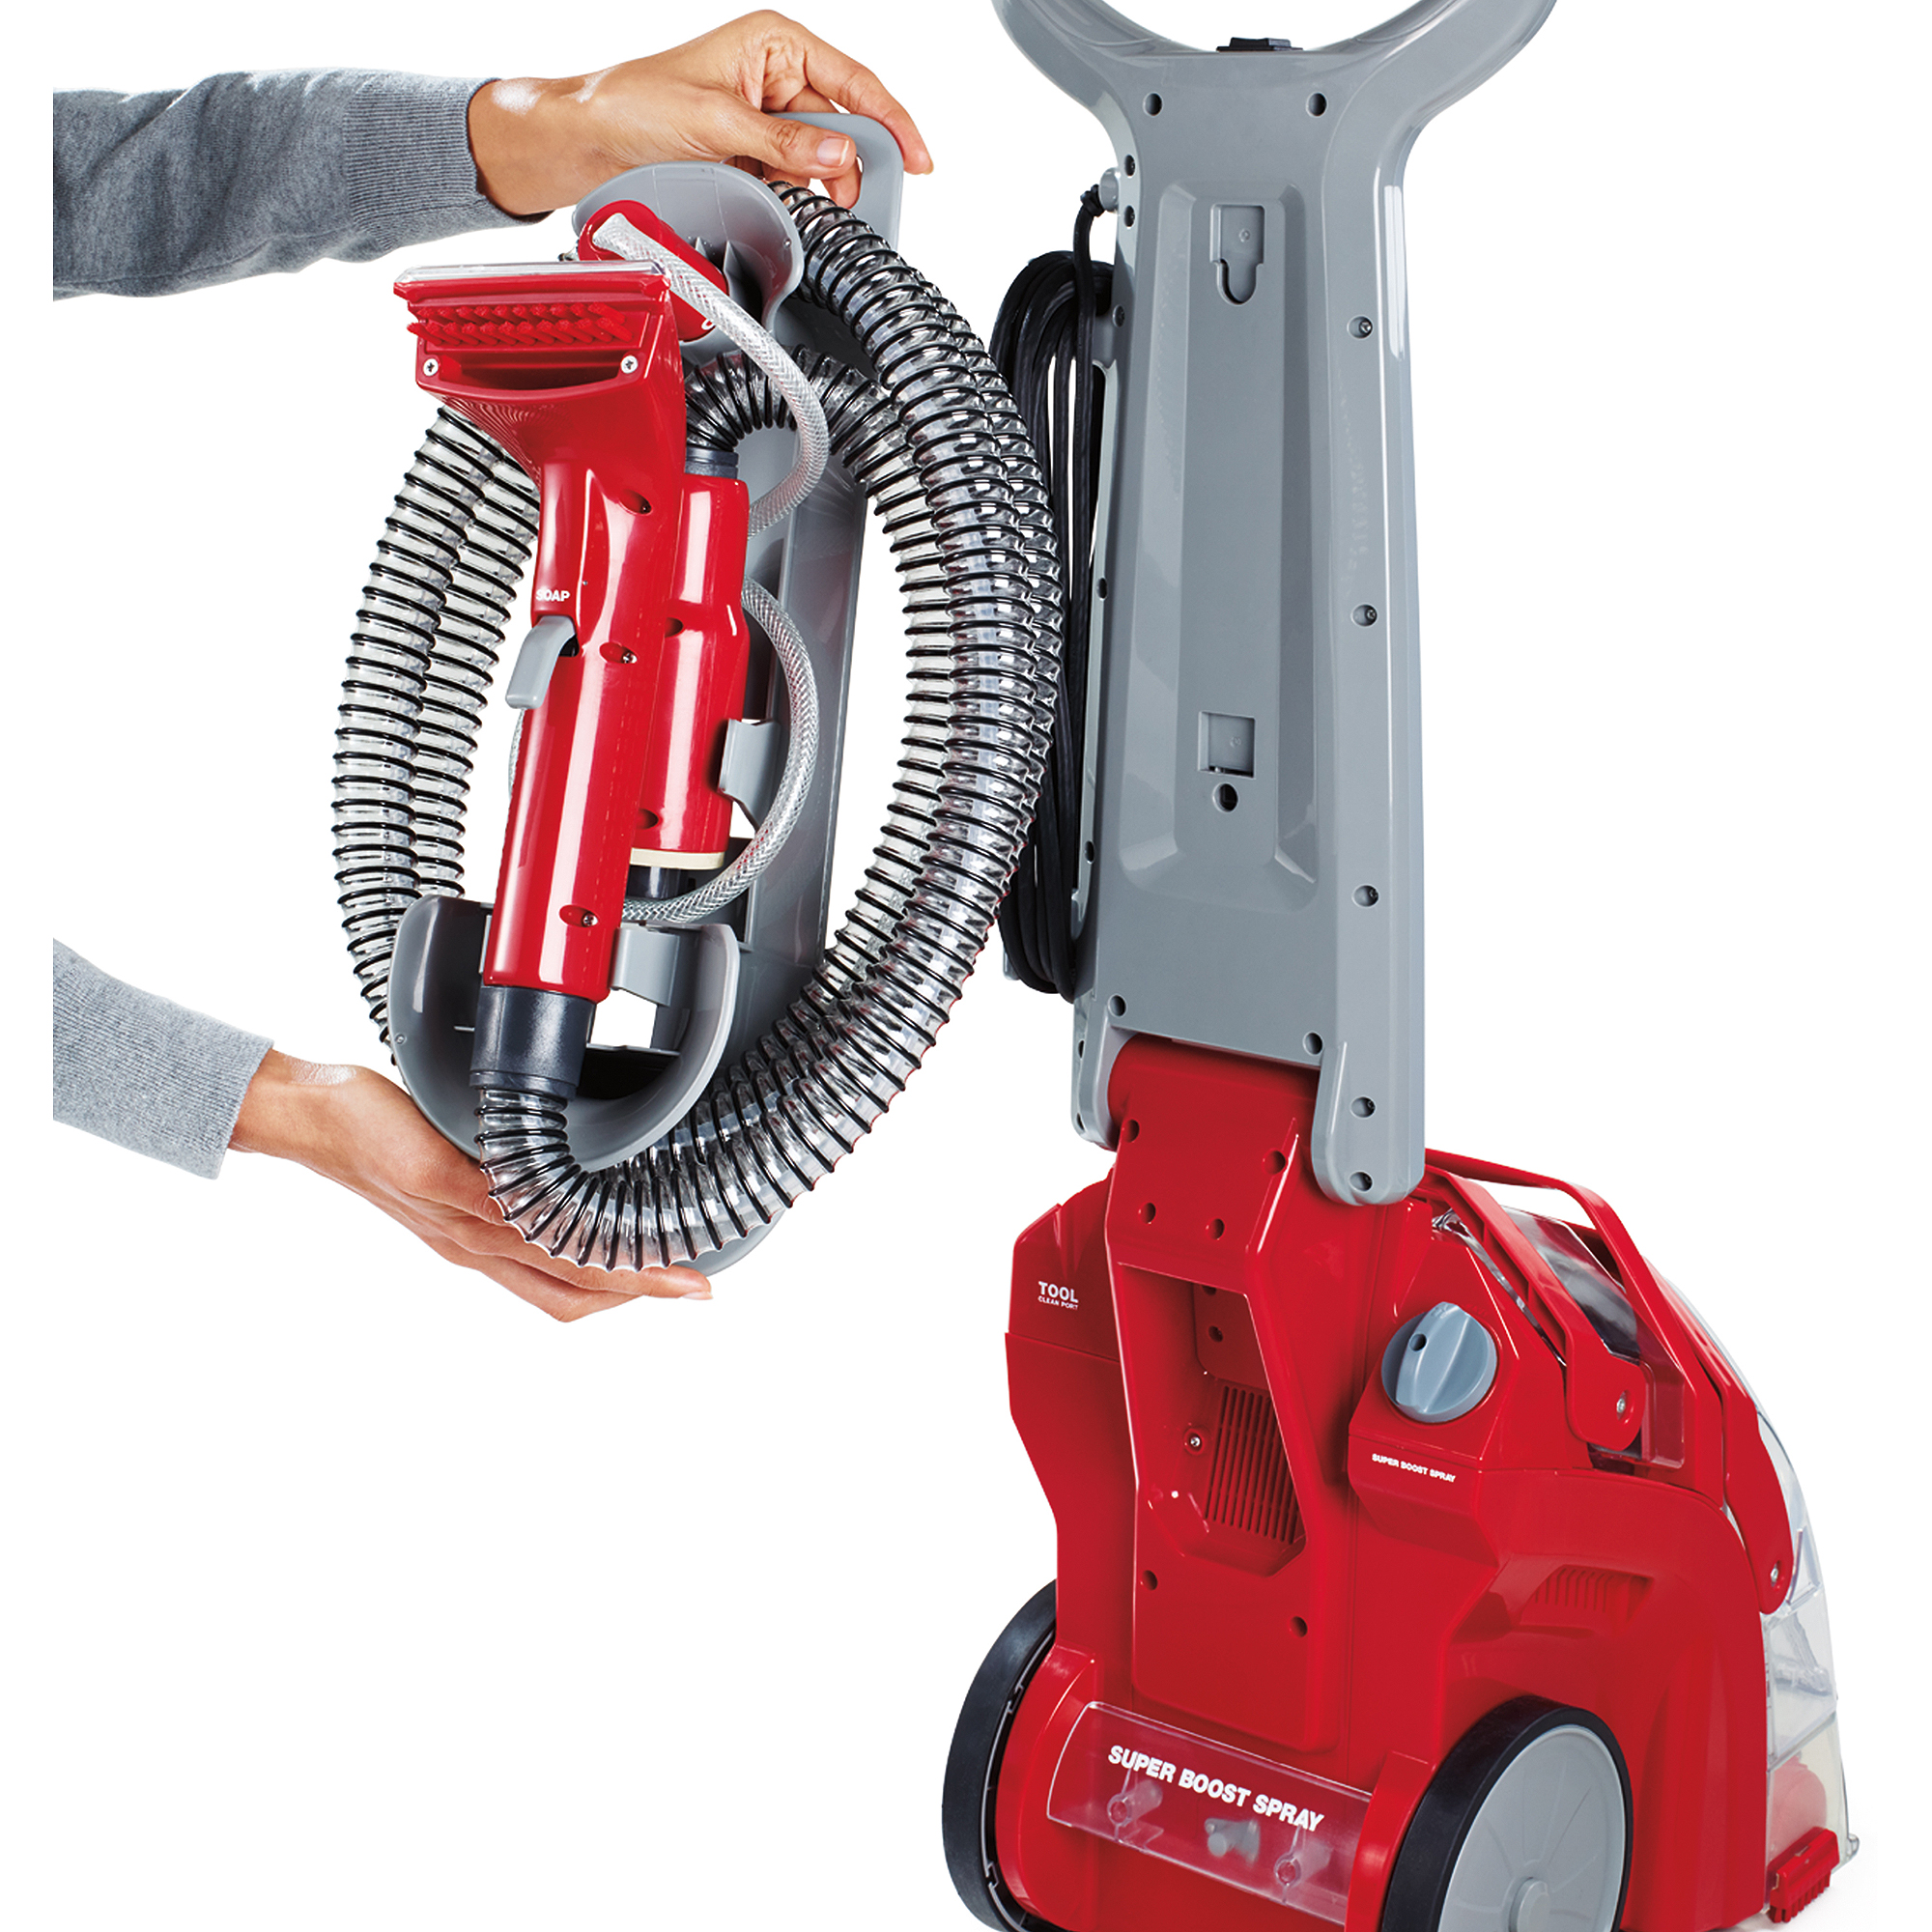 Rug Doctor Carpet Cleaner Al Reviews